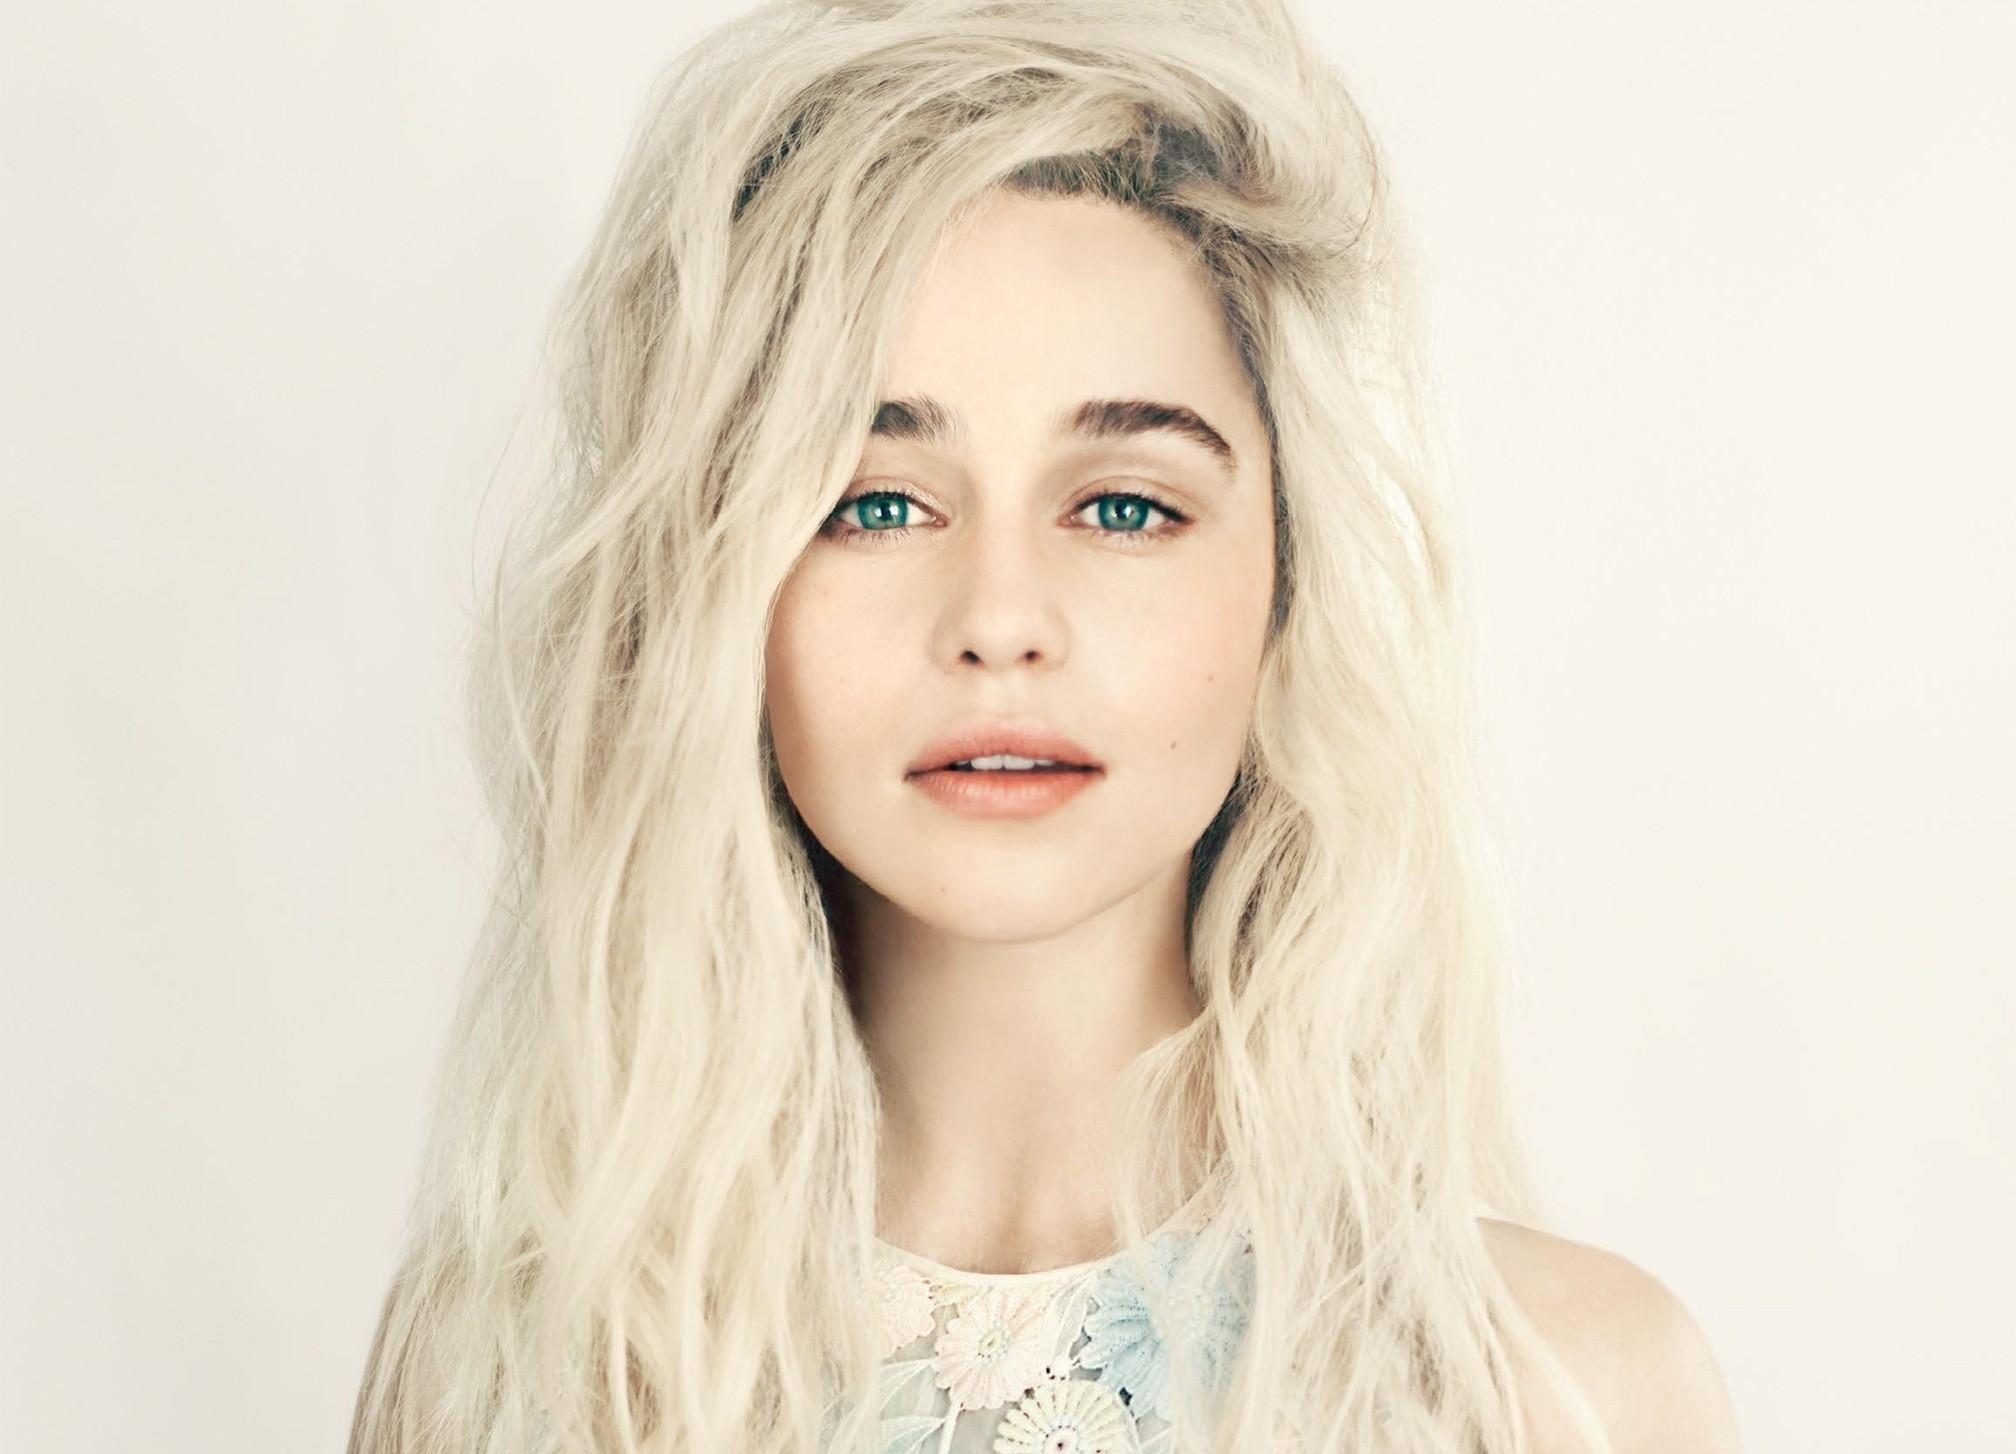 Women Blonde Blue Eyes Long Hair Wavy Hair Portrait: Wallpaper : Face, Women, Model, Simple Background, Long